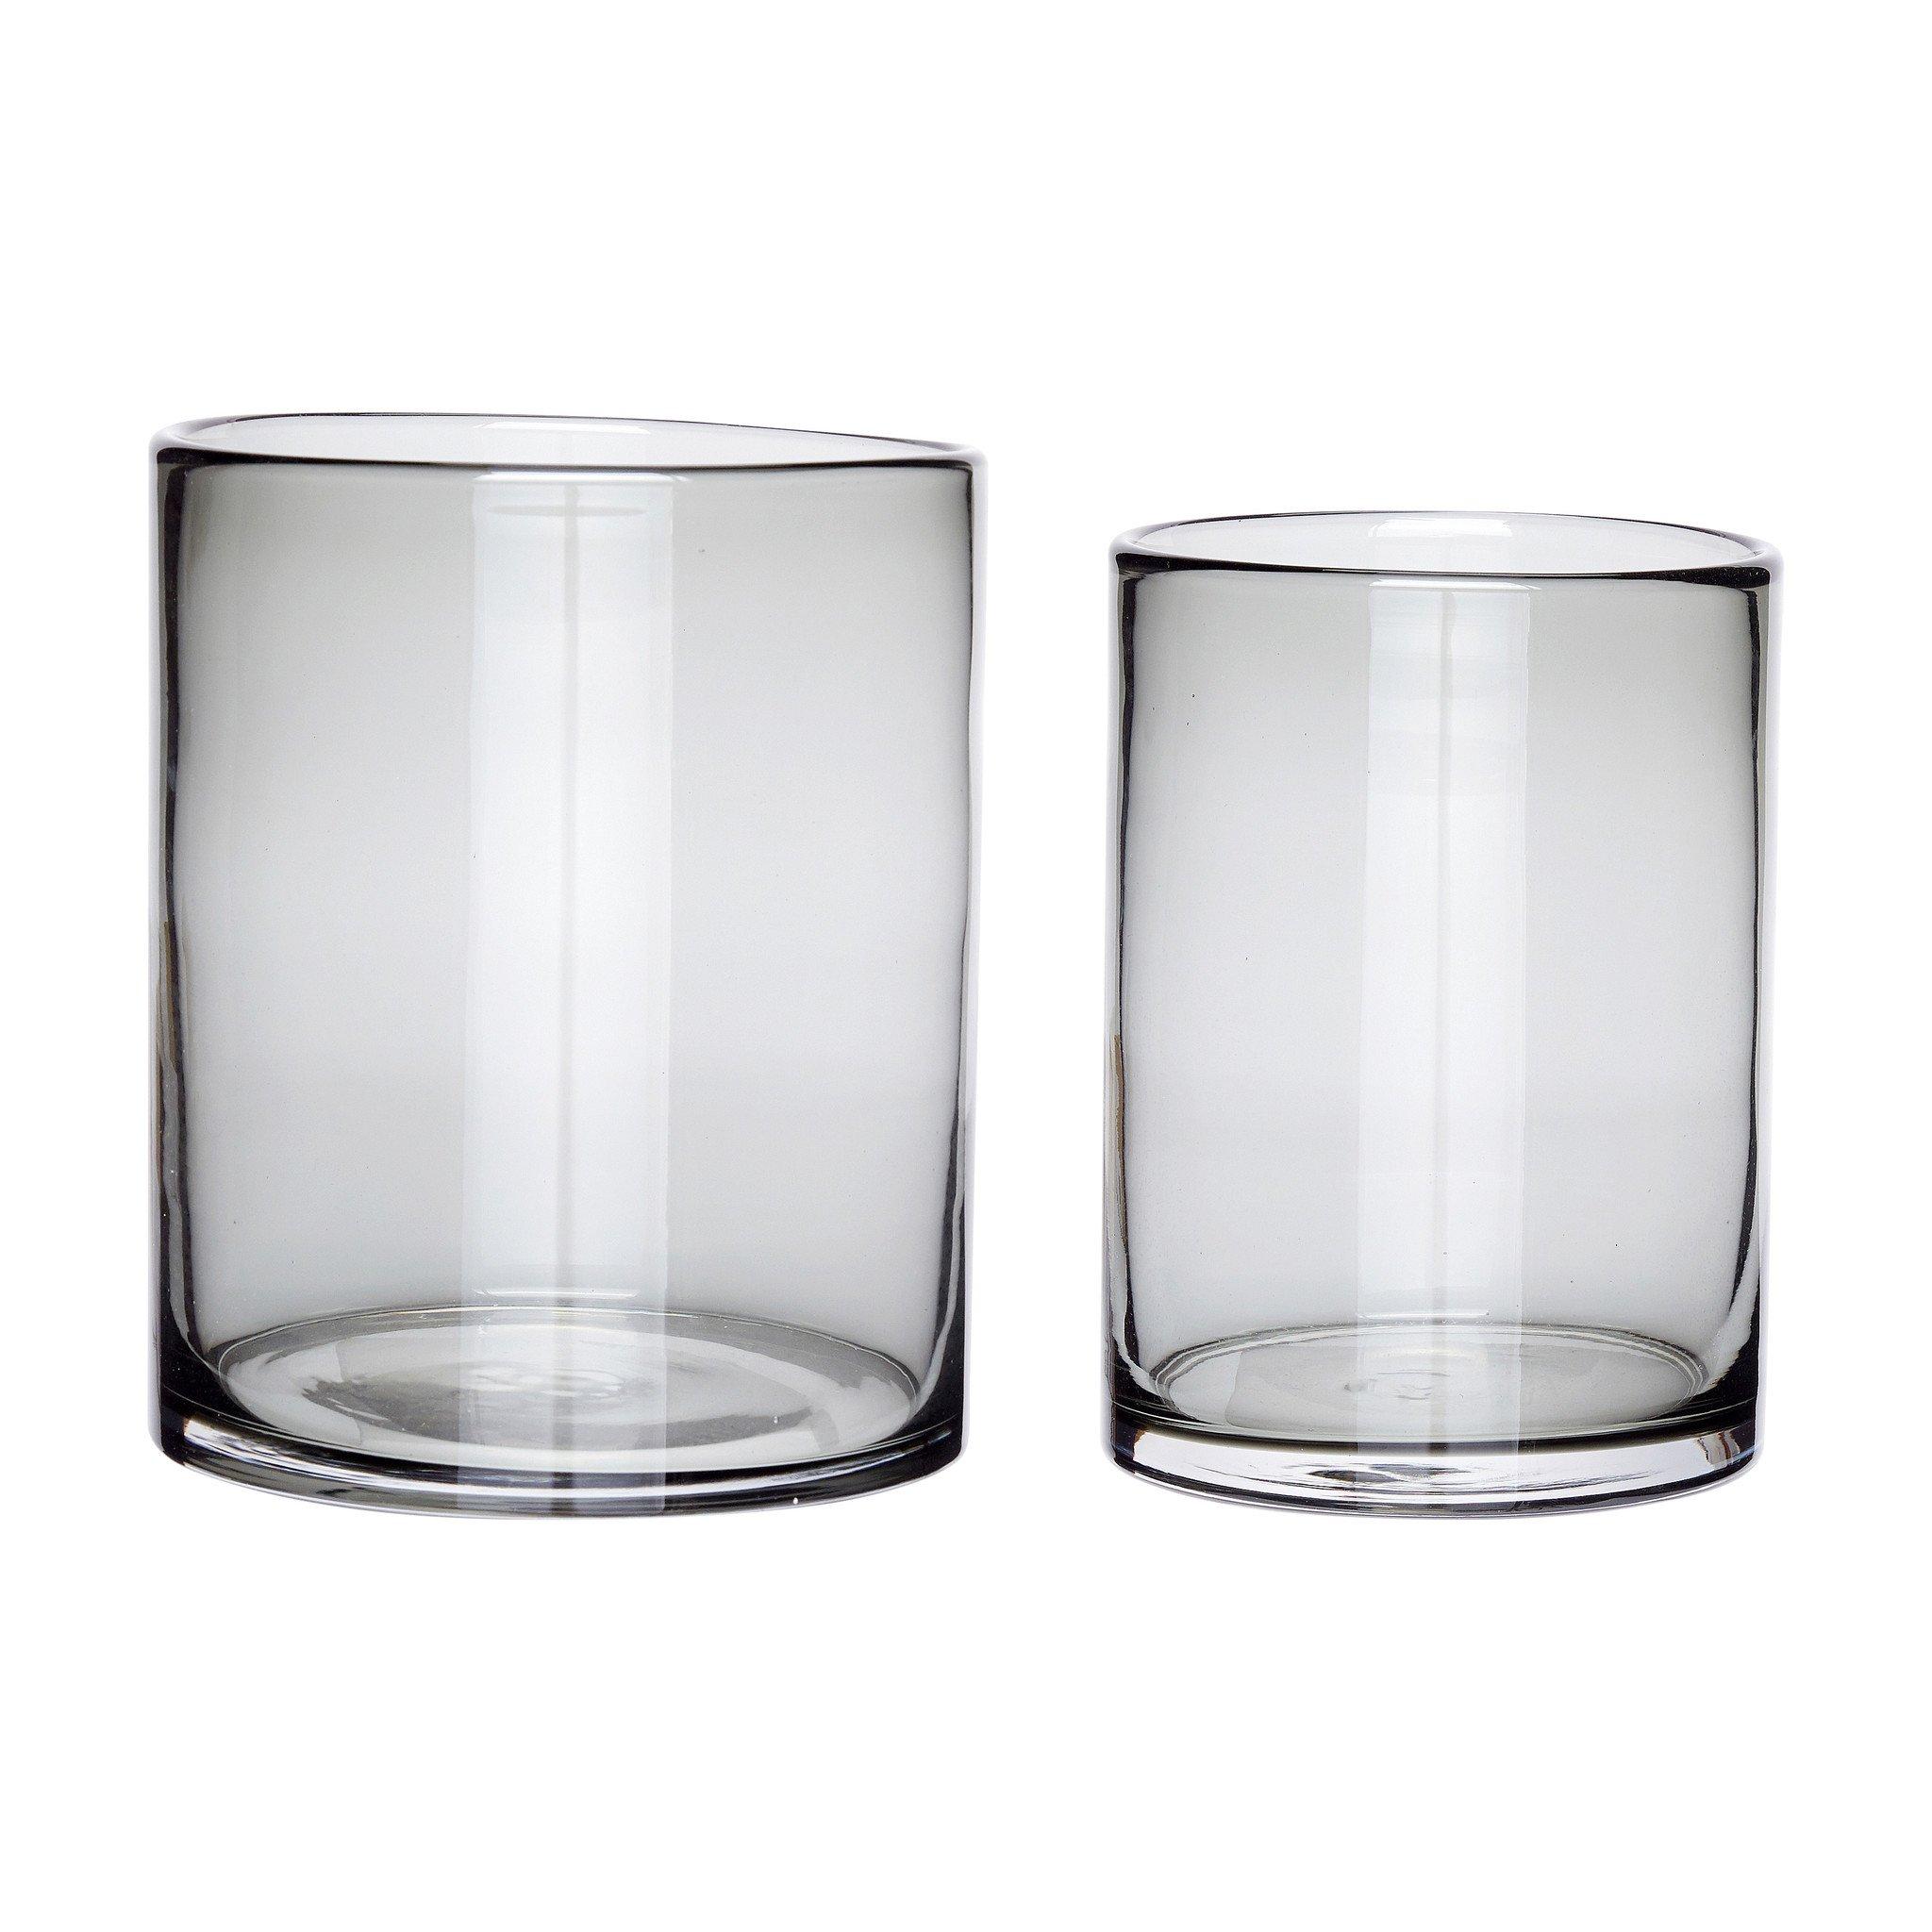 Hubsch Vaas, glas, grijs, set van 2